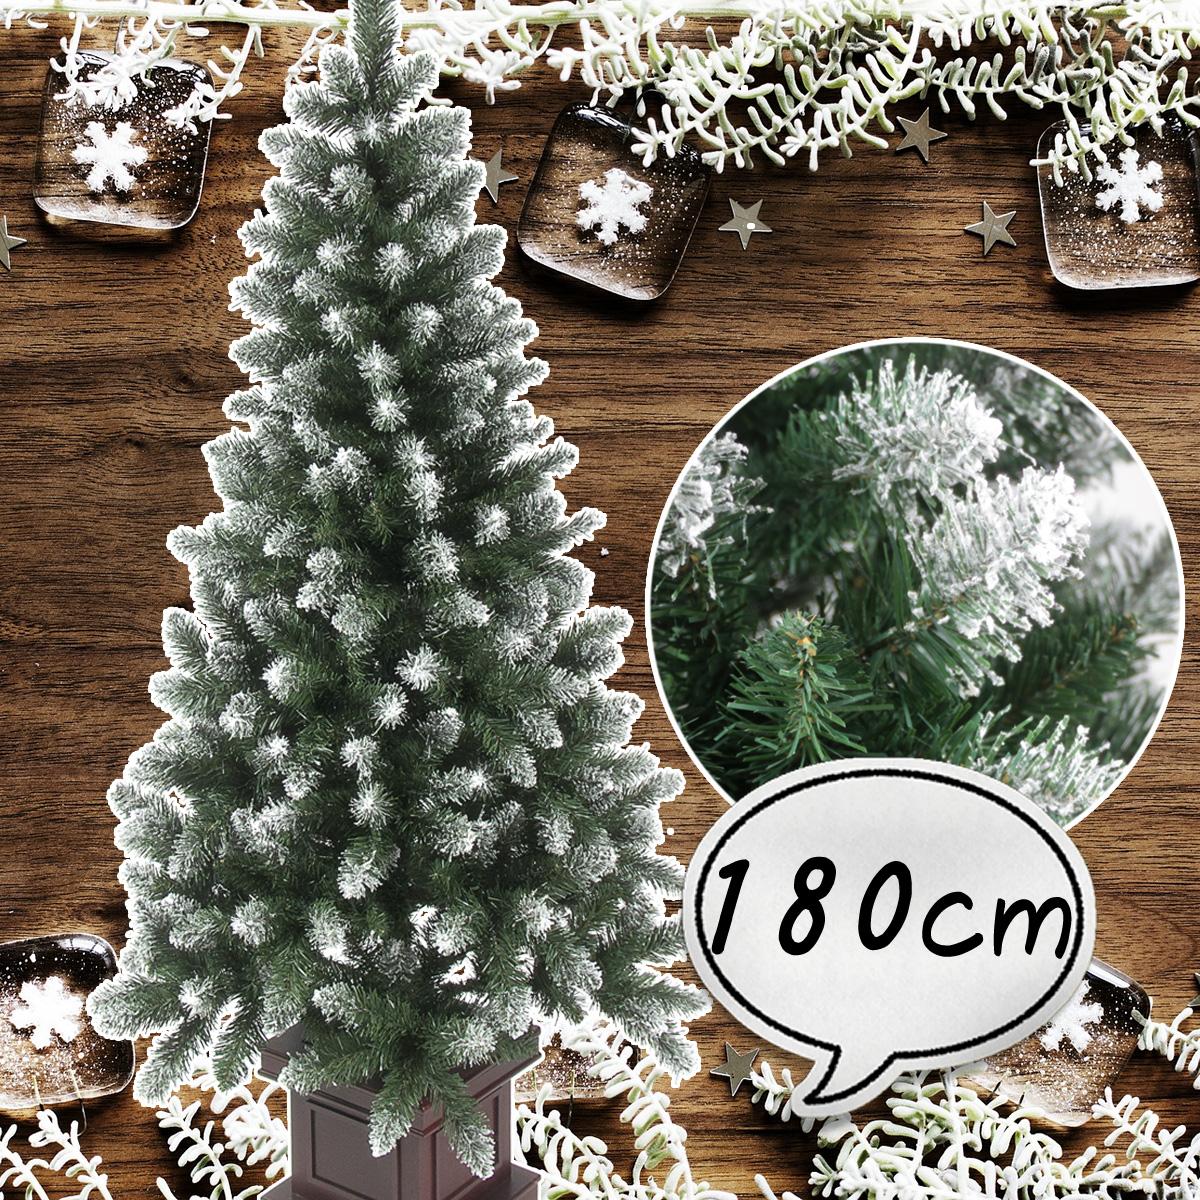 クリスマスツリー 180cm ポイントスノーツリー 先雪 木製ポット グリーン ツリーの木 ポットツリー 北欧 おしゃれ ウッドベース